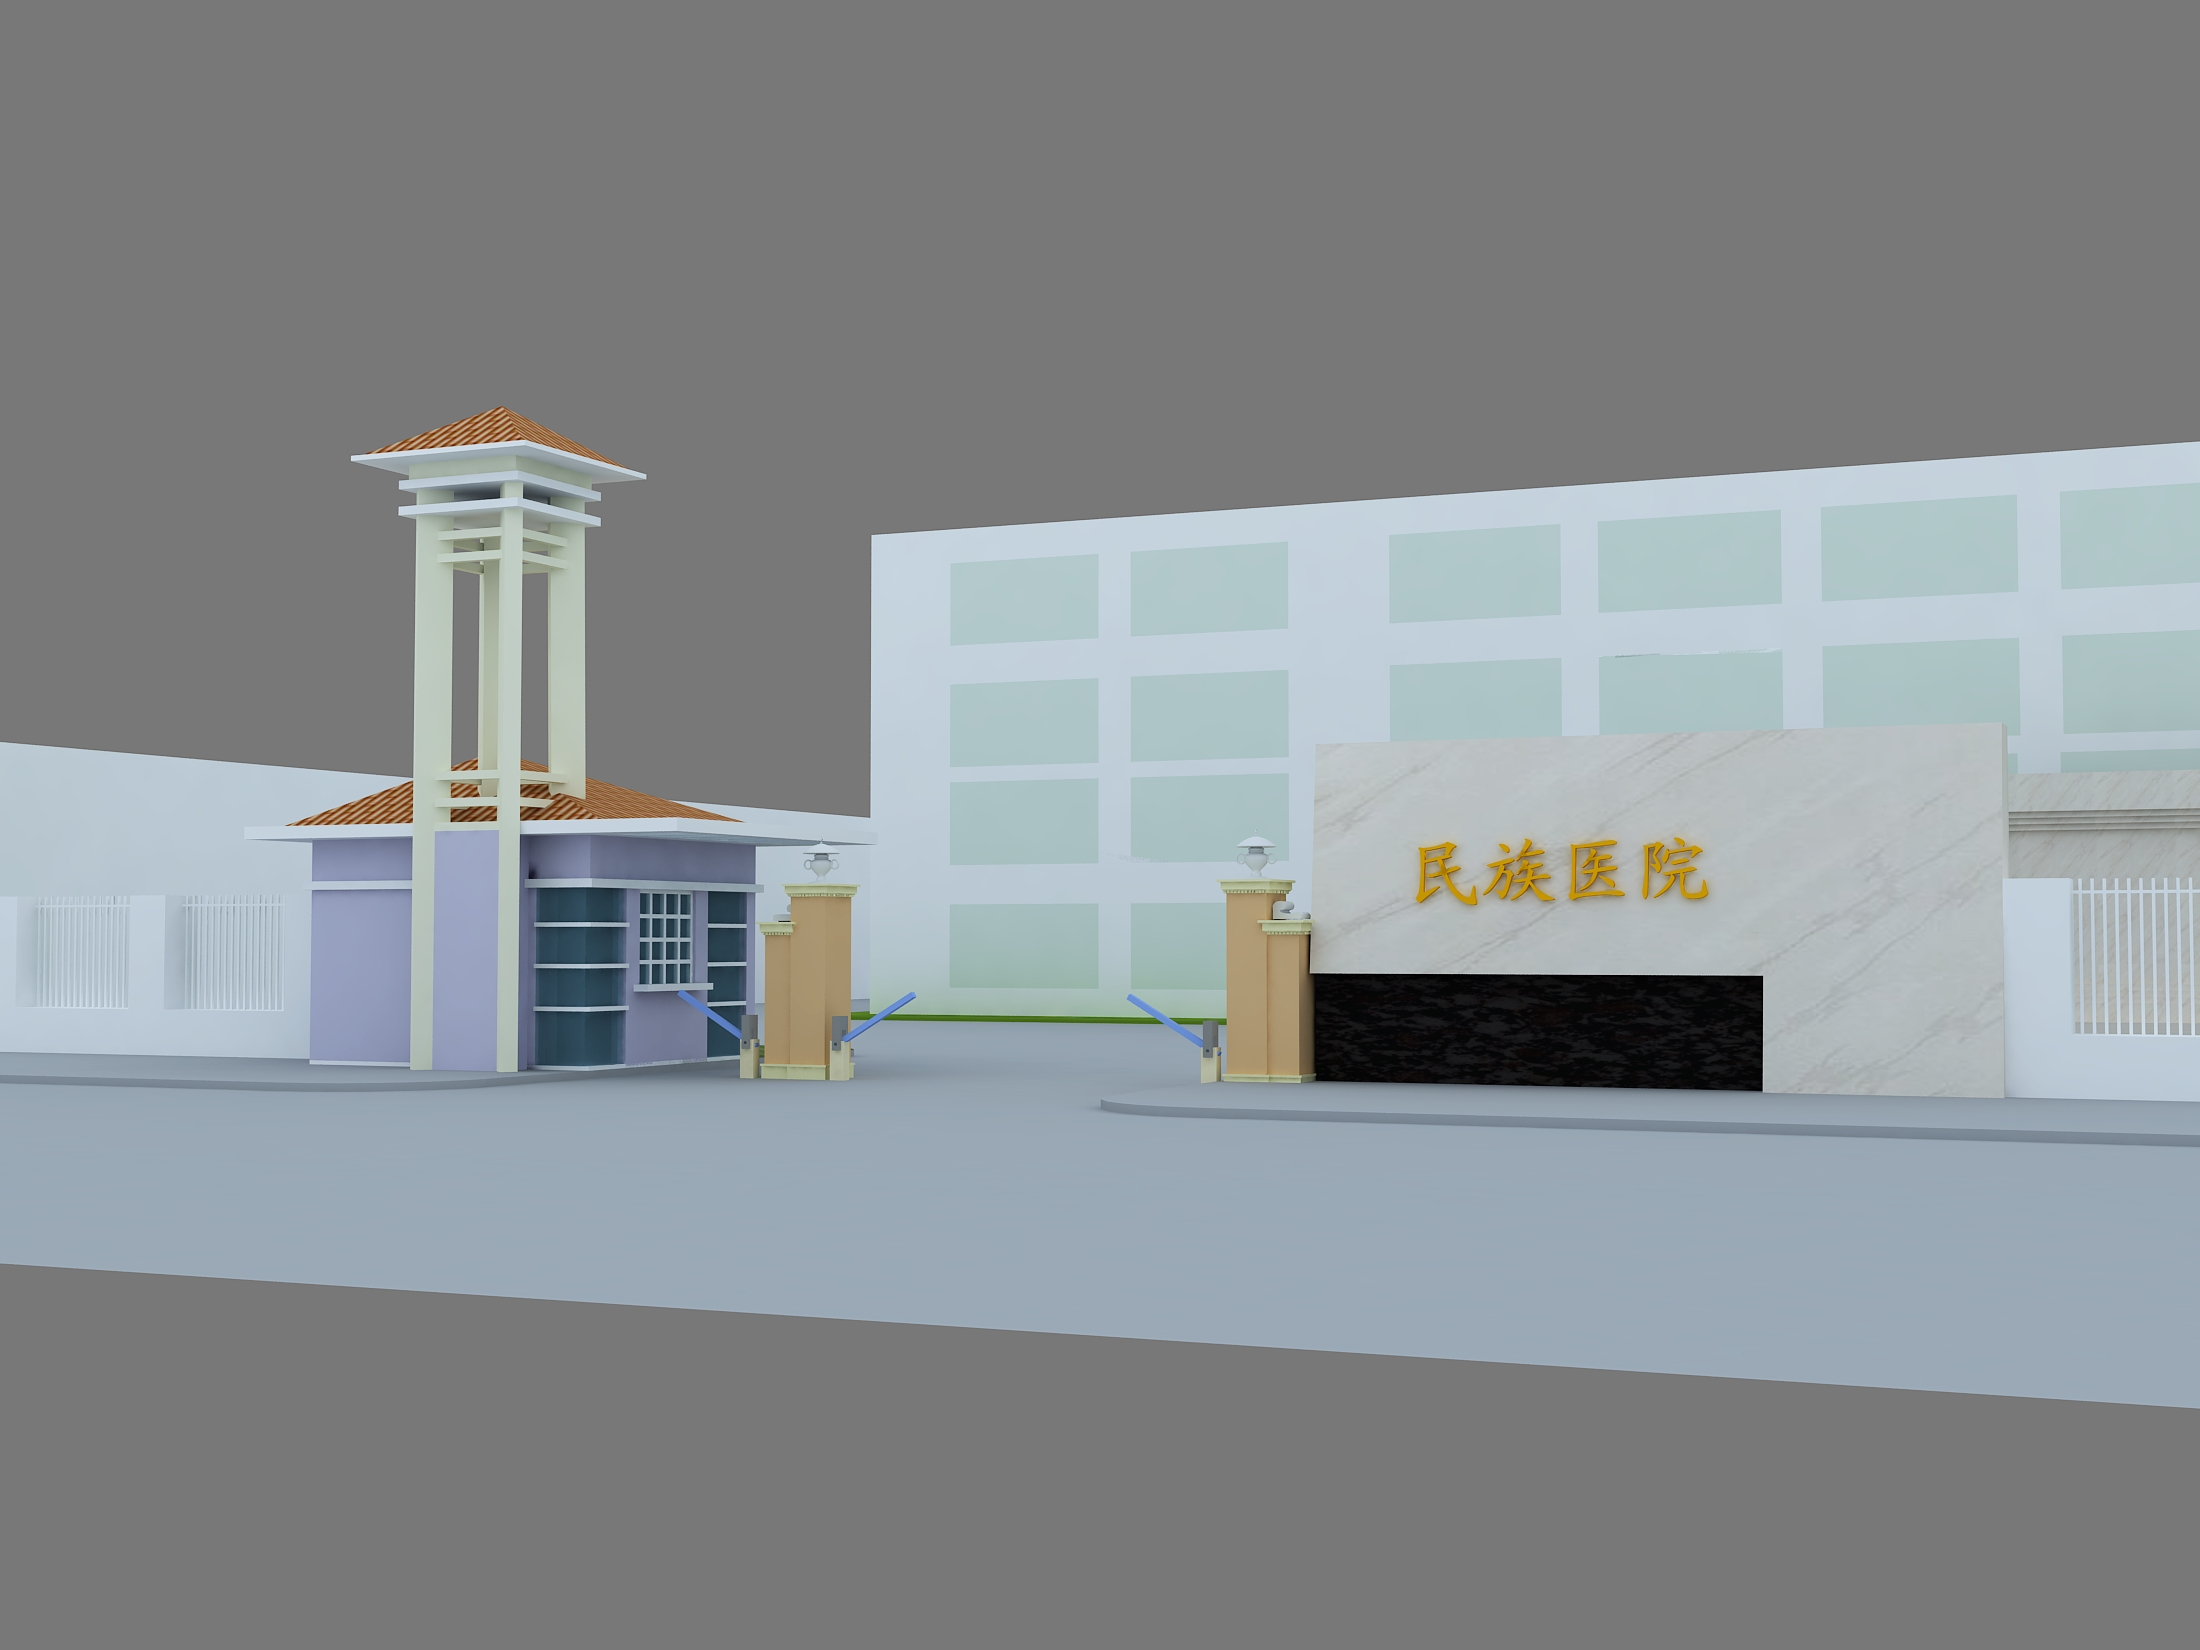 医院大门及门禁系统、院内文化氛围方案设计